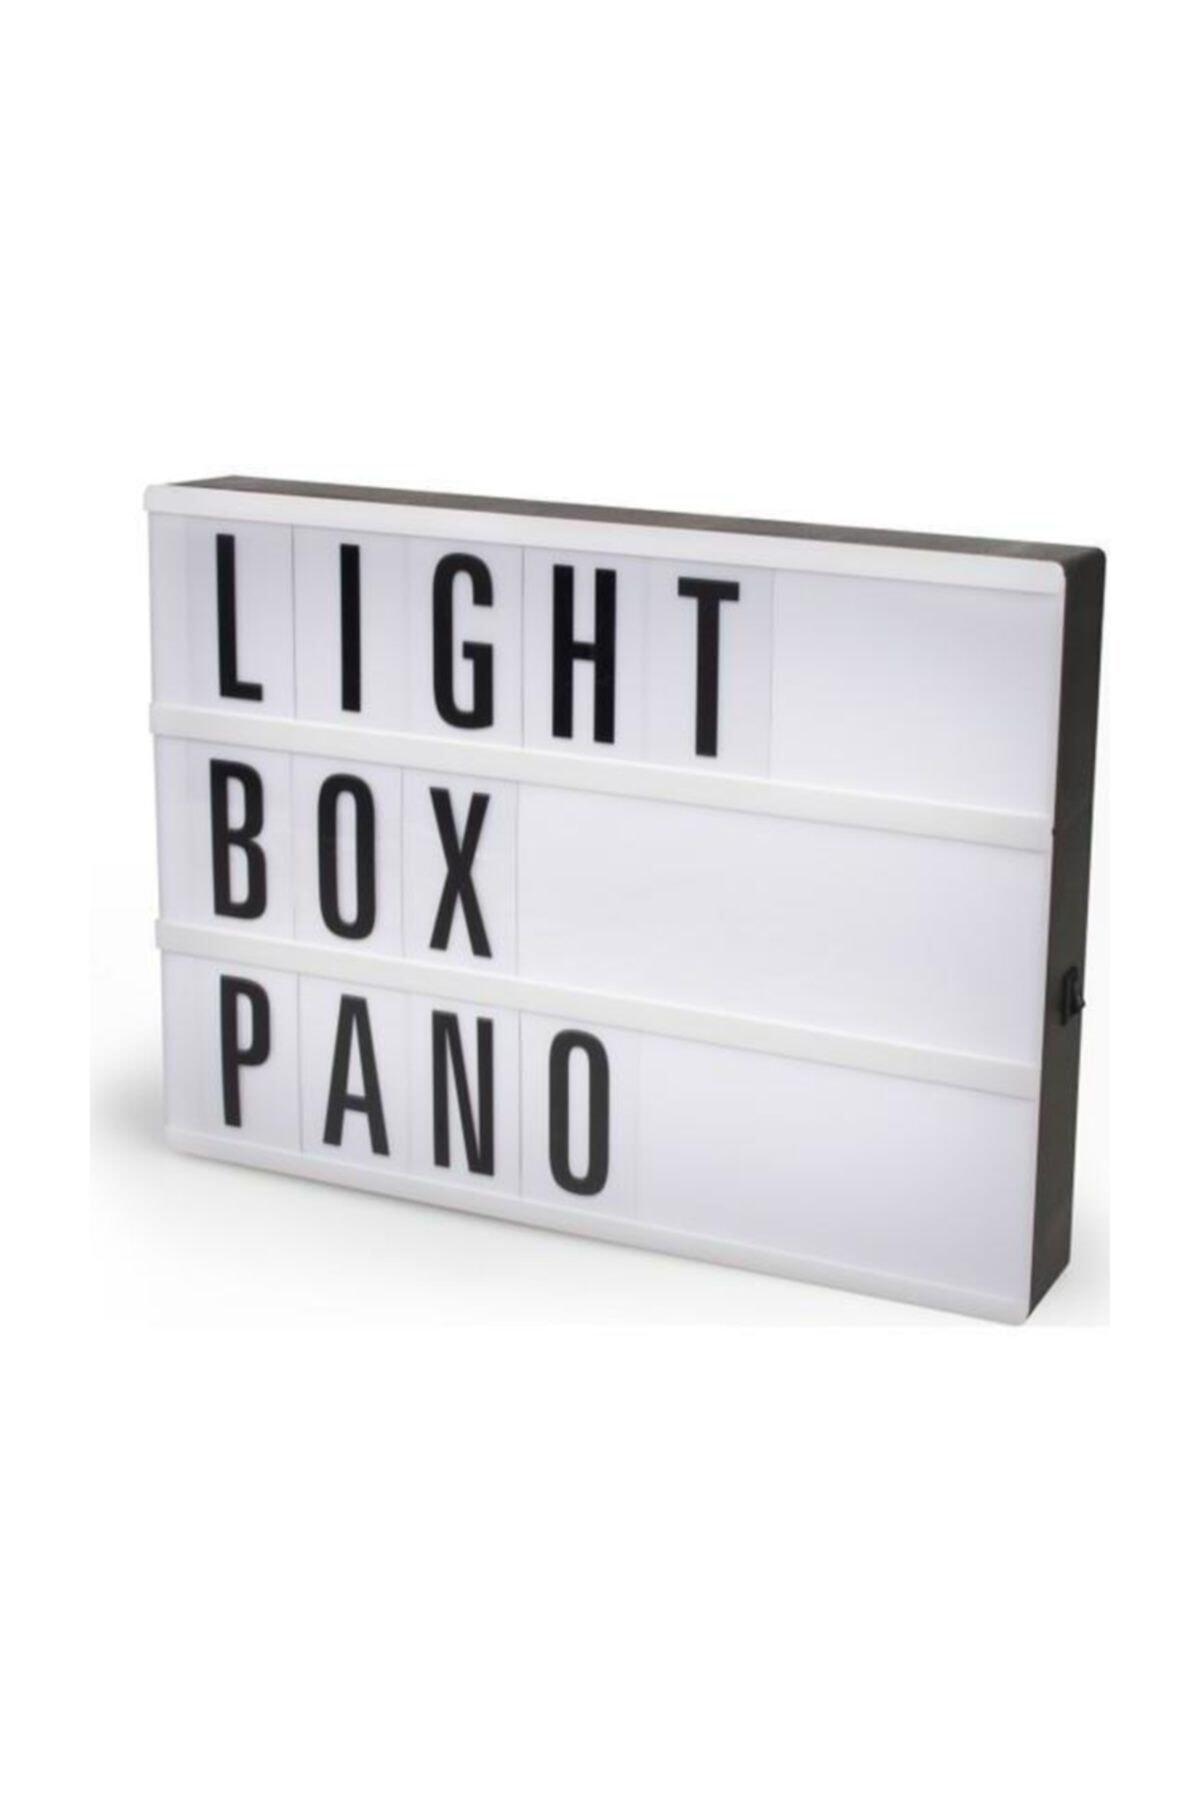 Ömr Dizayn Hediye Işıklı Harfli Dekoratif Led Pano Lightbox -Küçük 2